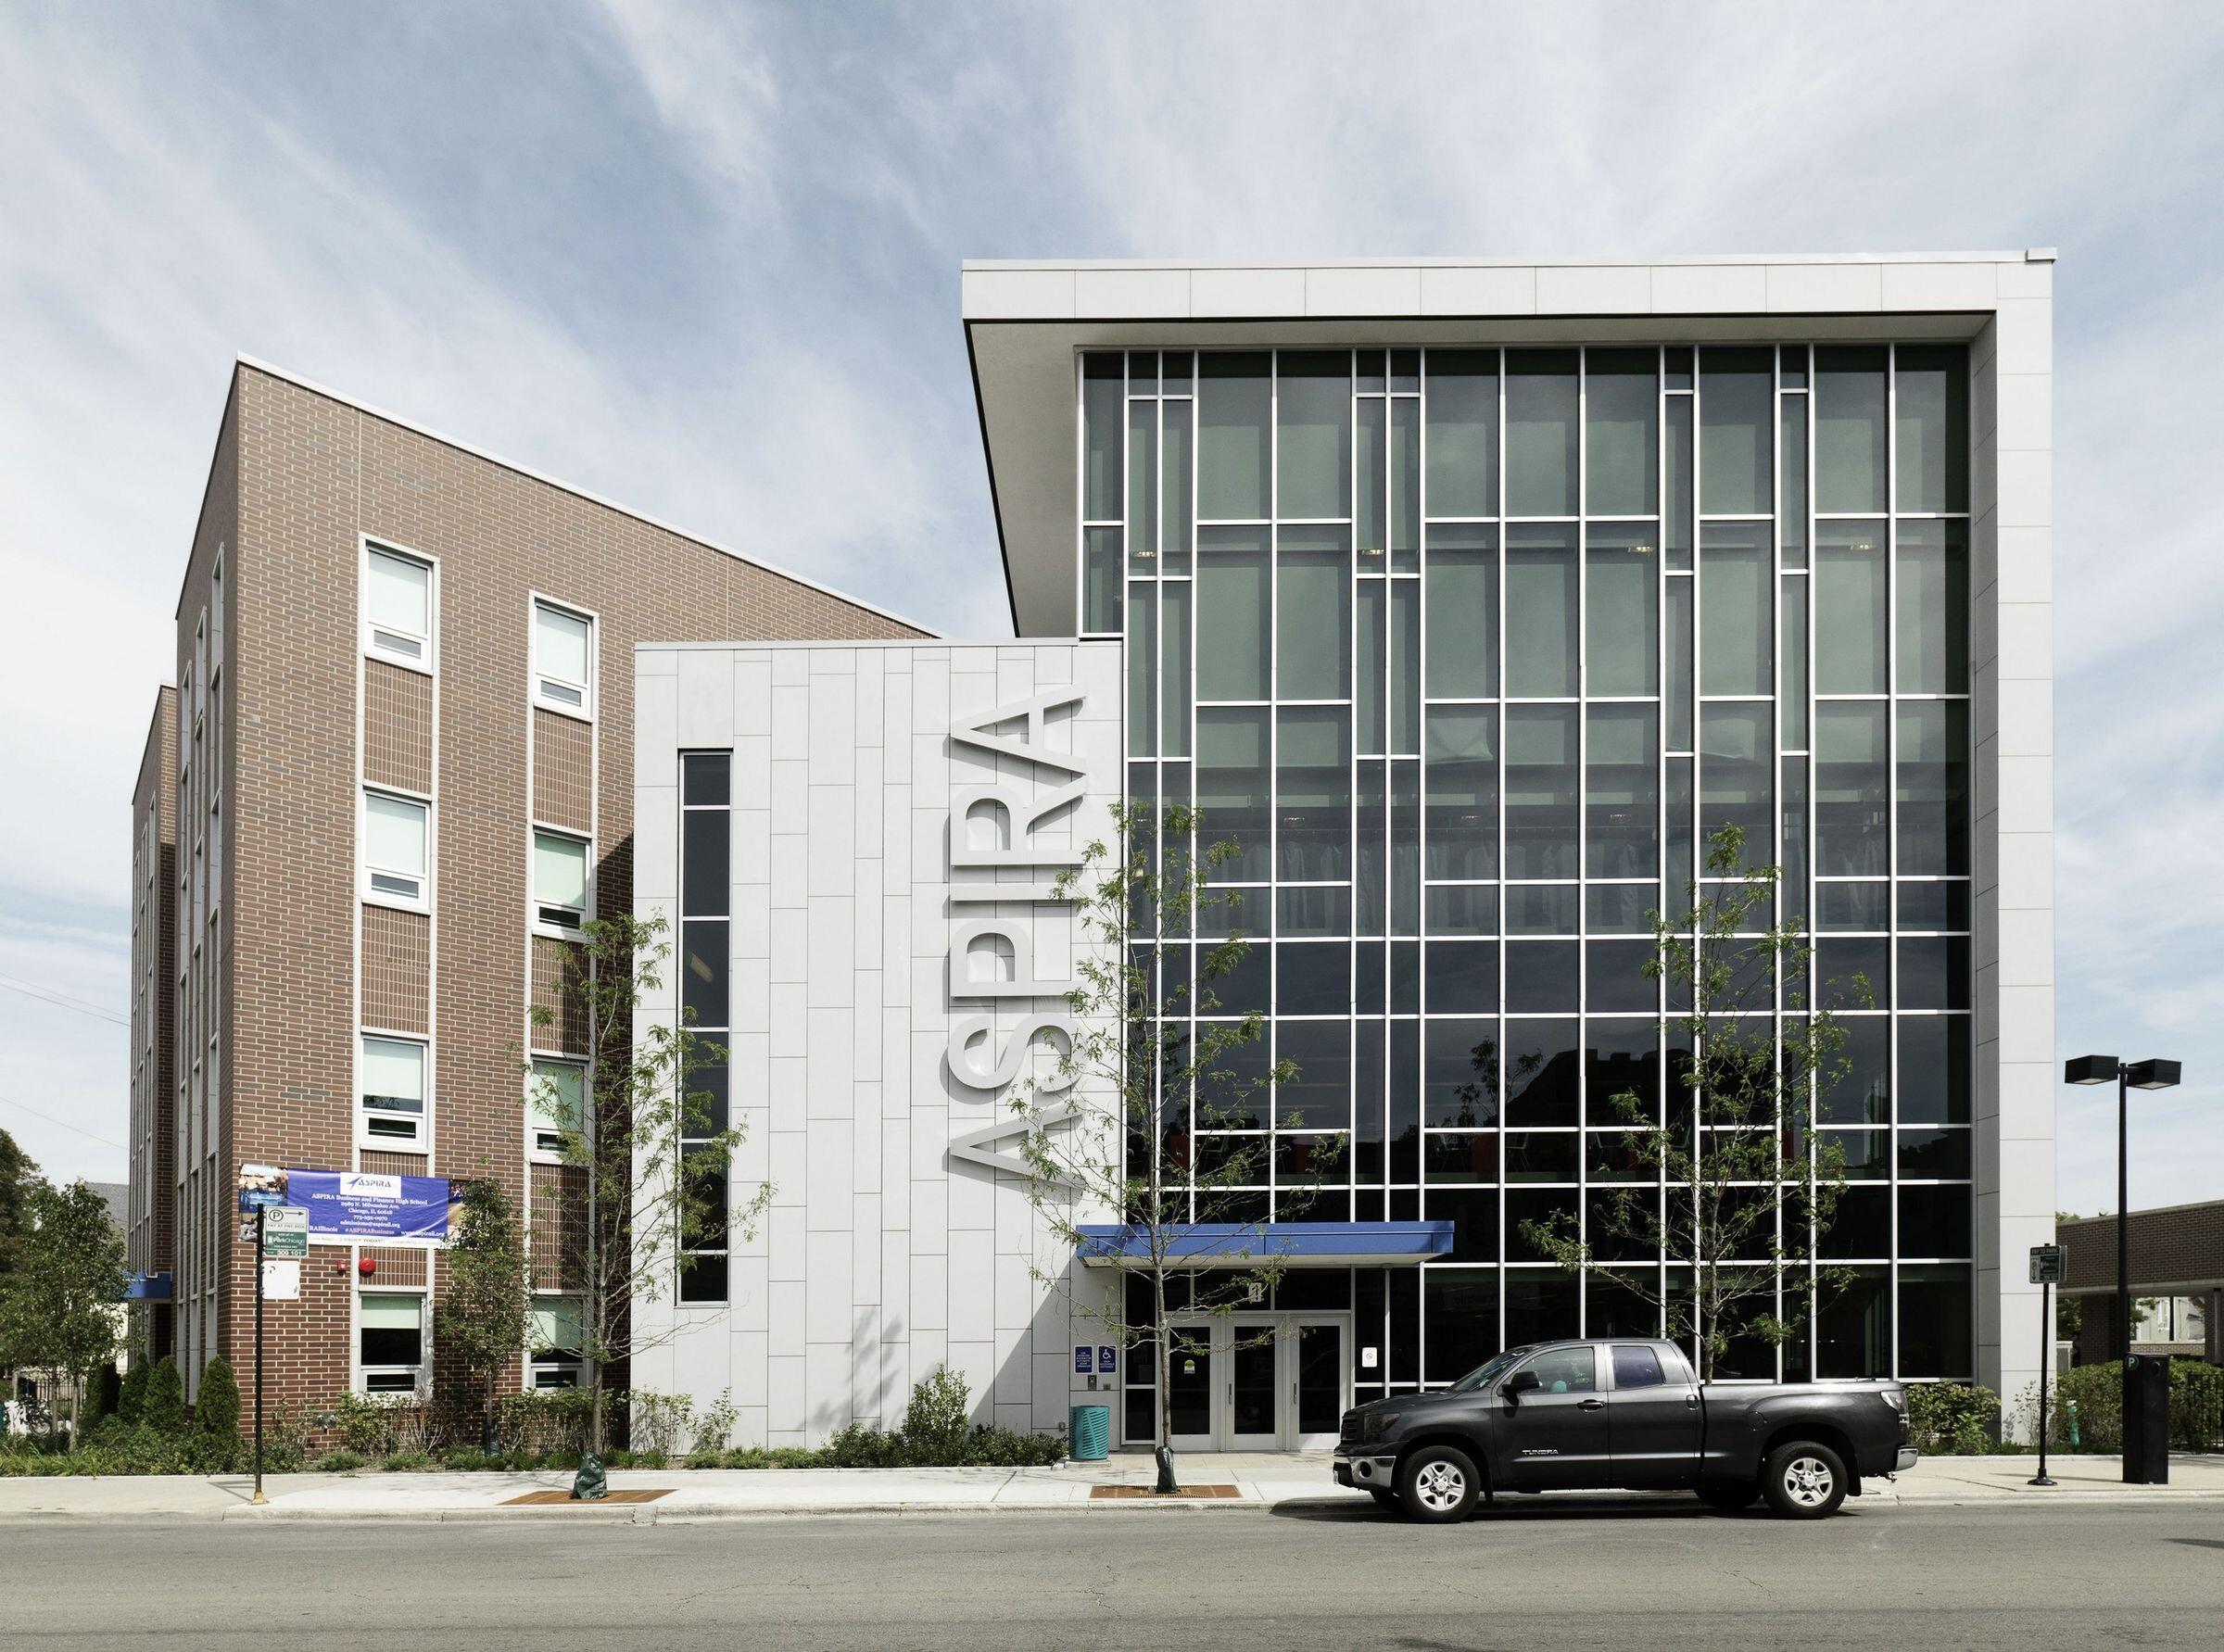 Aspira Business & Finance High School